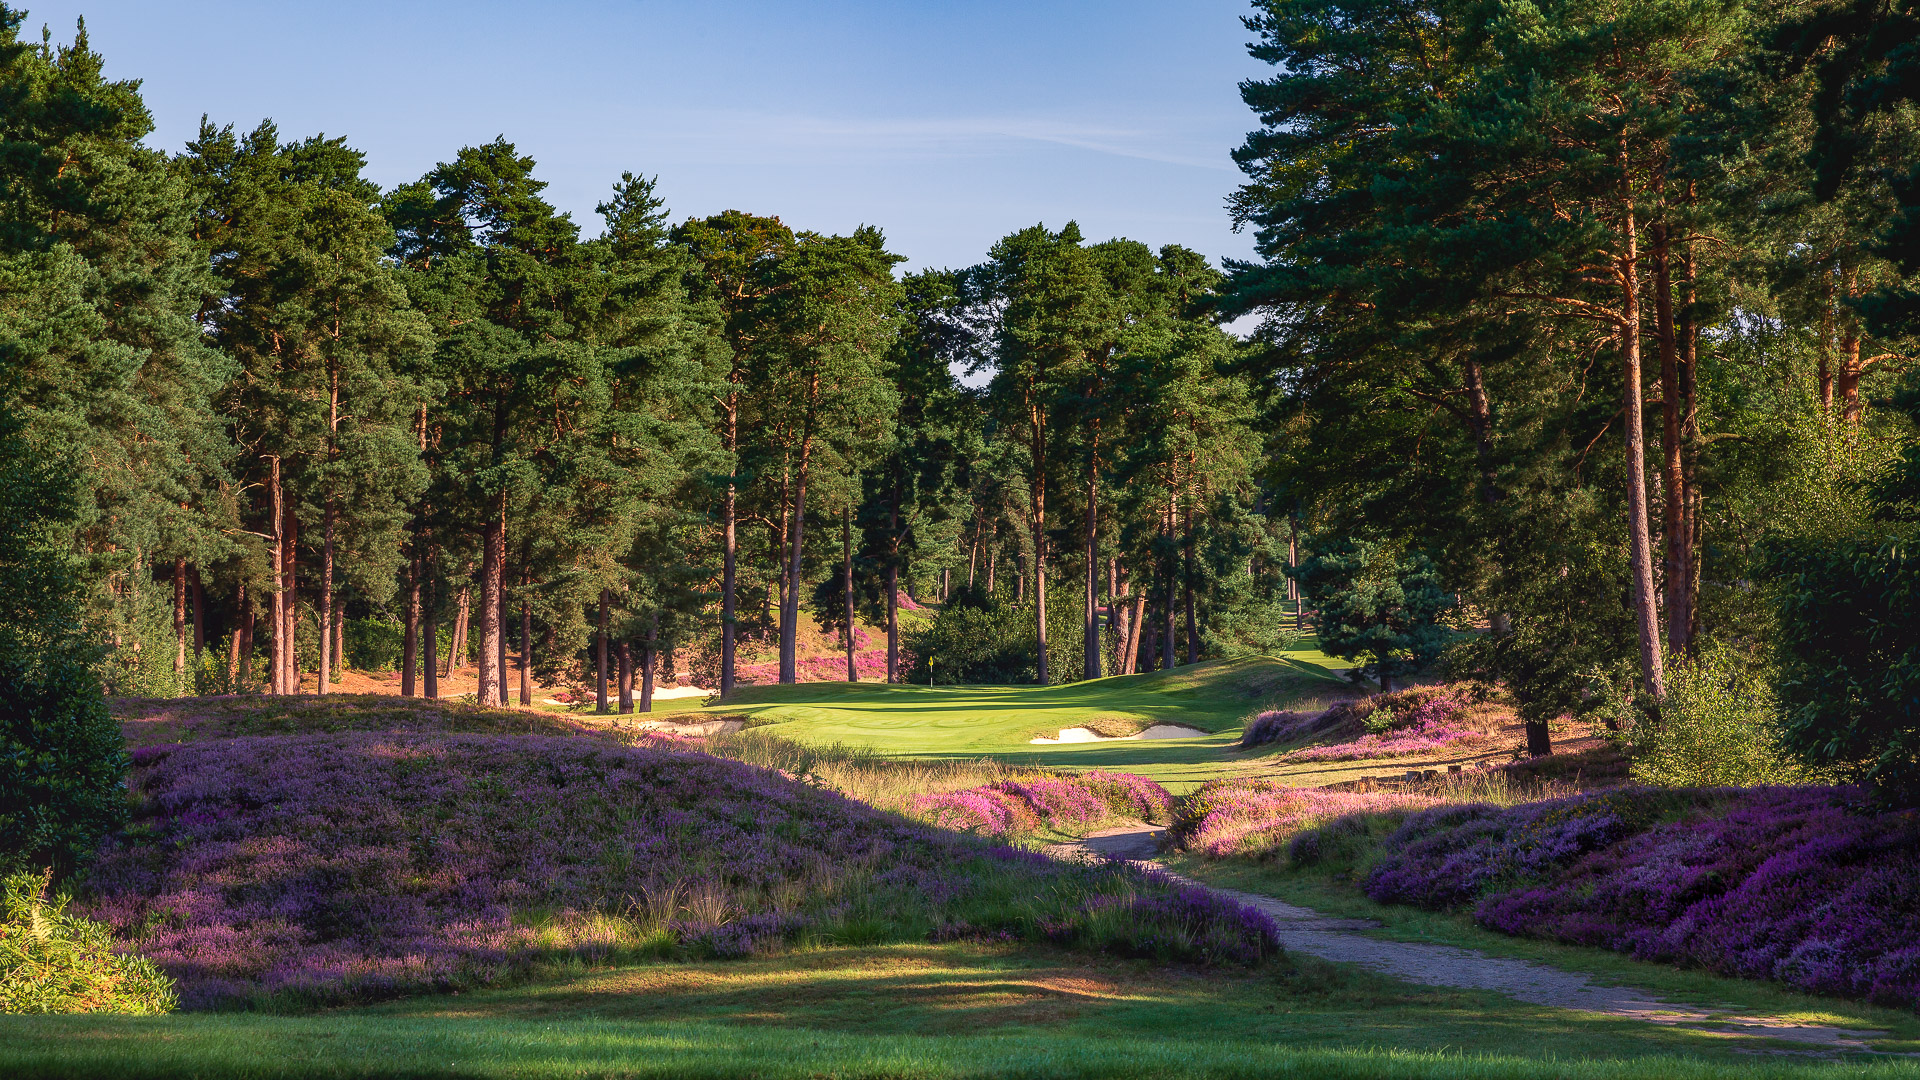 26th-Hole-St-Georges-Hill-Golf-Club-2140-Edit